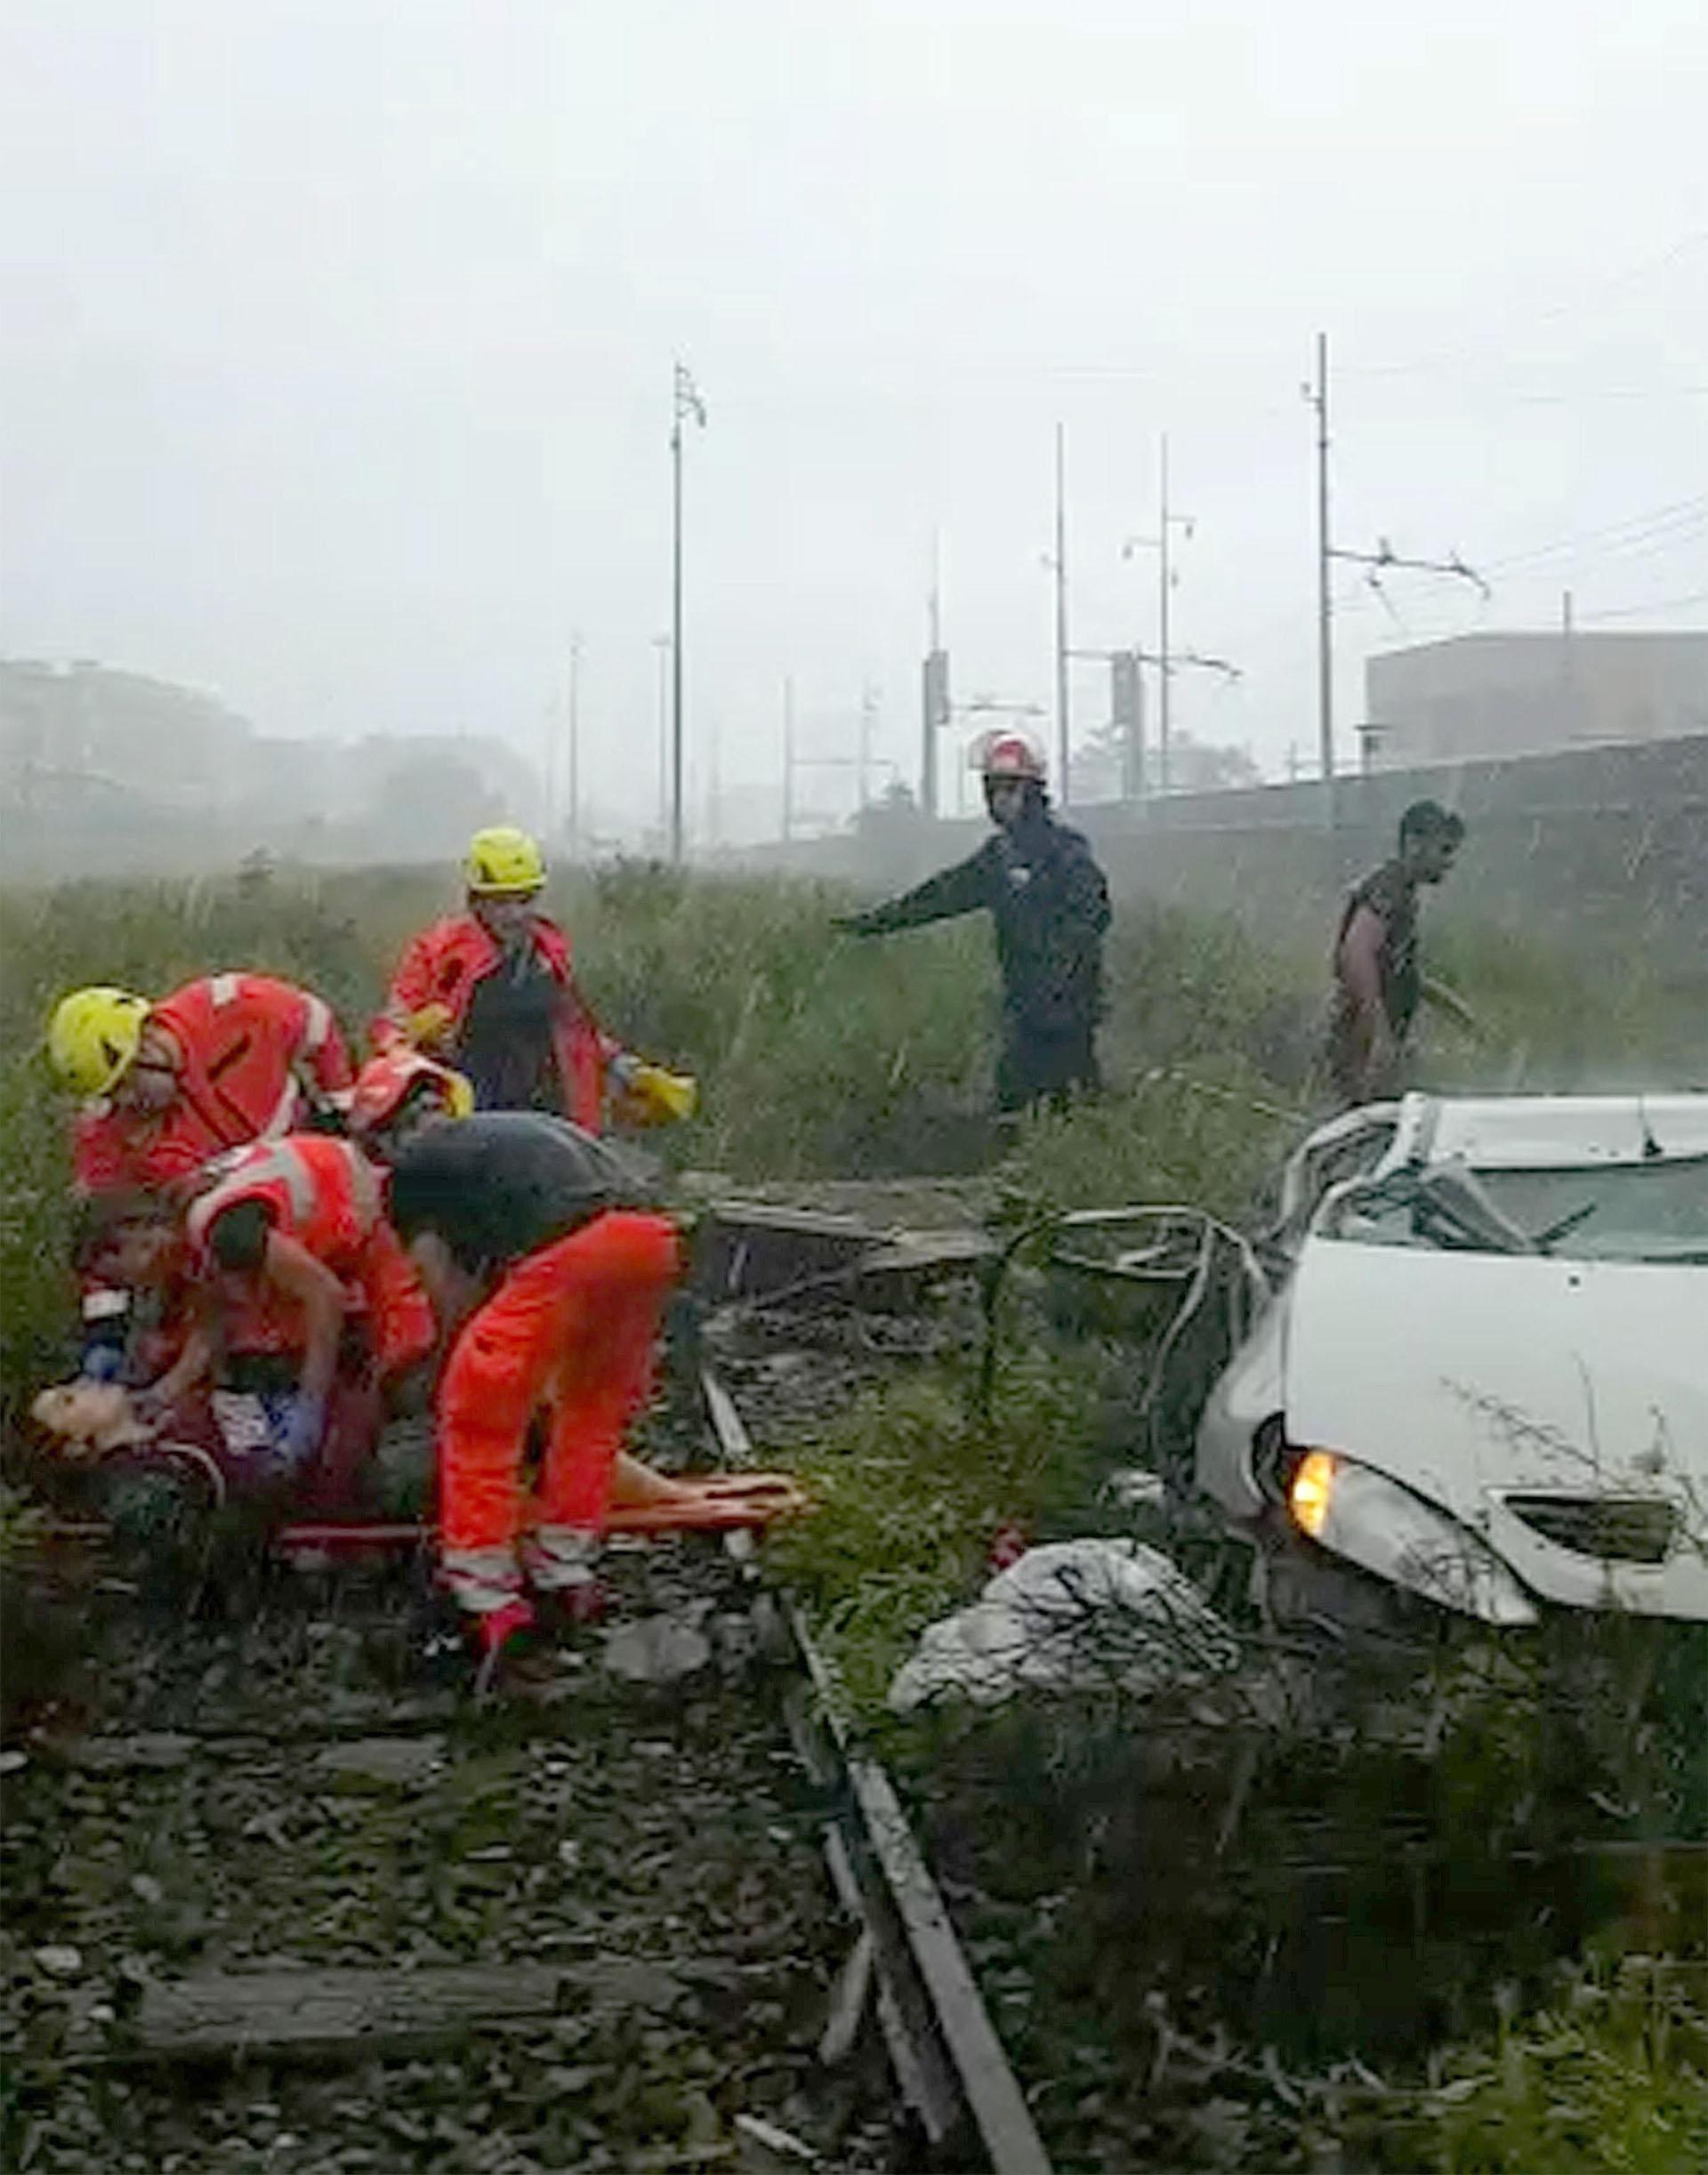 Varios miembros de los equipos de rescate atienden a una de las víctimas tras desplomarse un viaducto sobre la autopista A10(EFE)